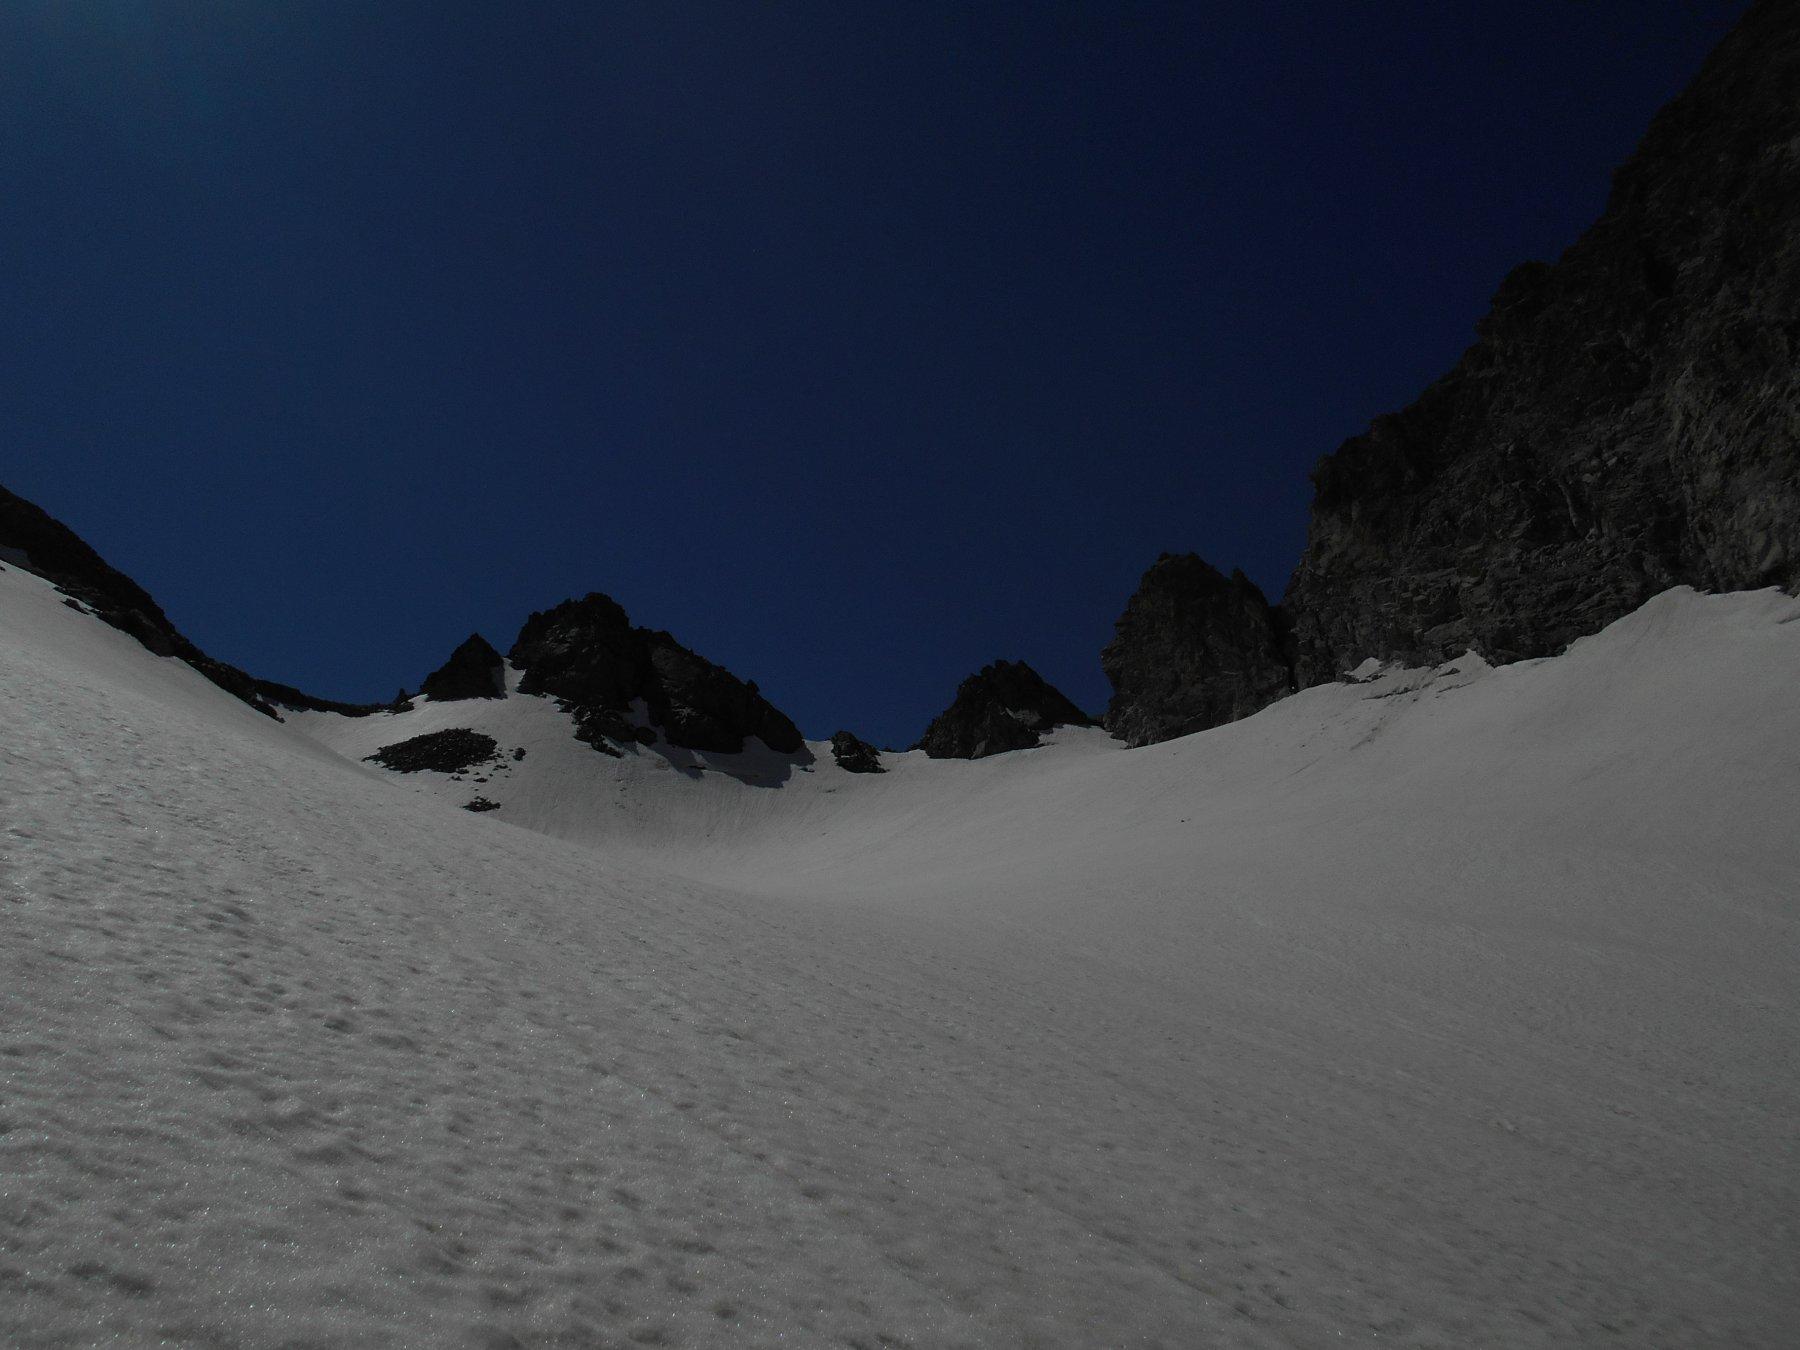 situazione ghiacciaio clapier e peirabroc-clapier.jpg